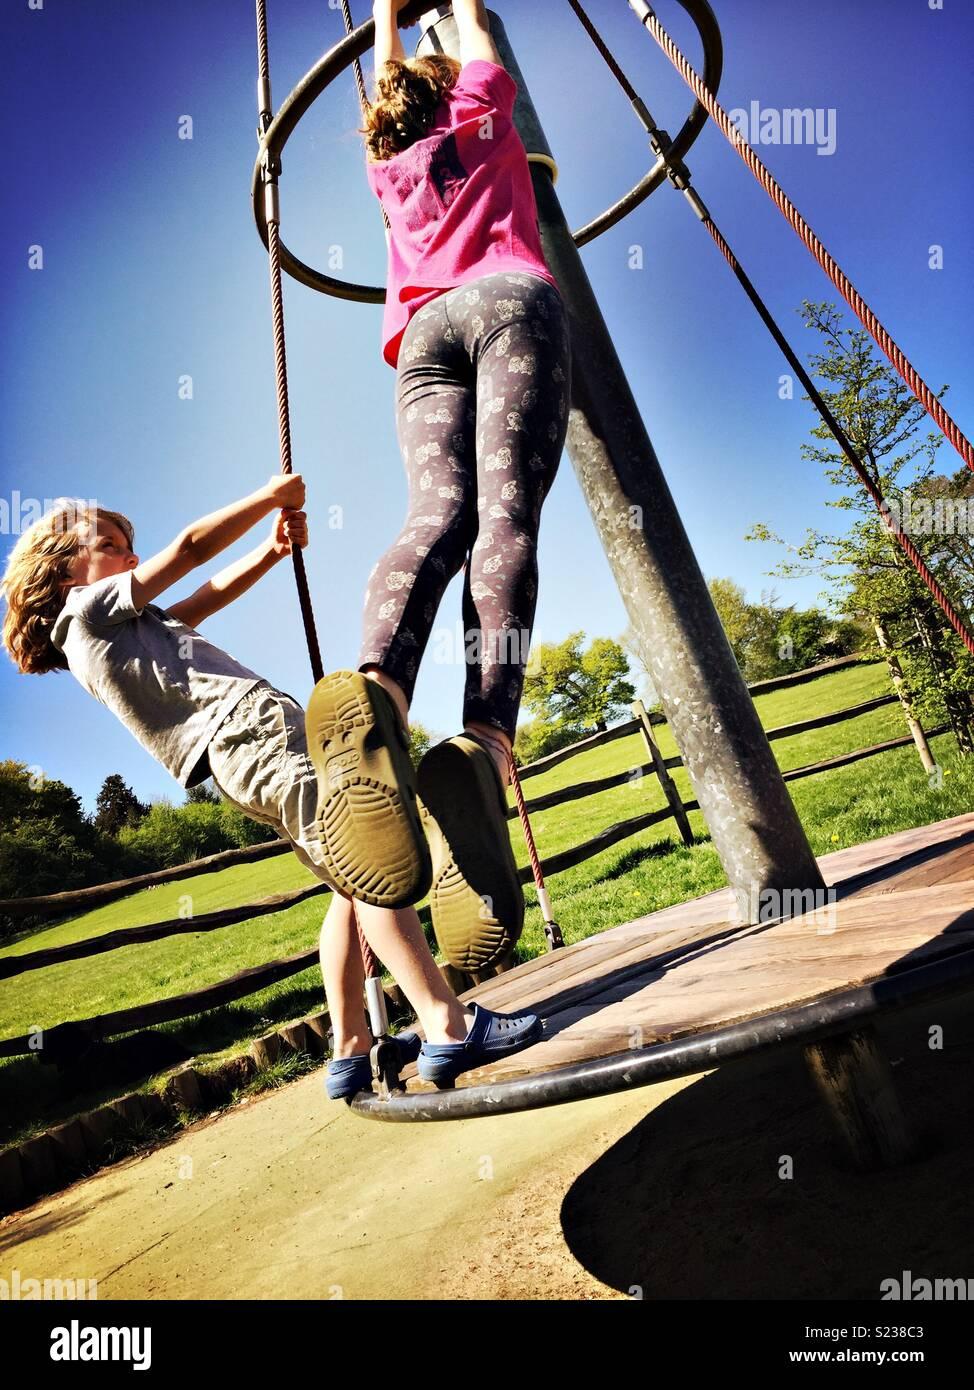 Niños jugando en el parque. Acción shot Imagen De Stock